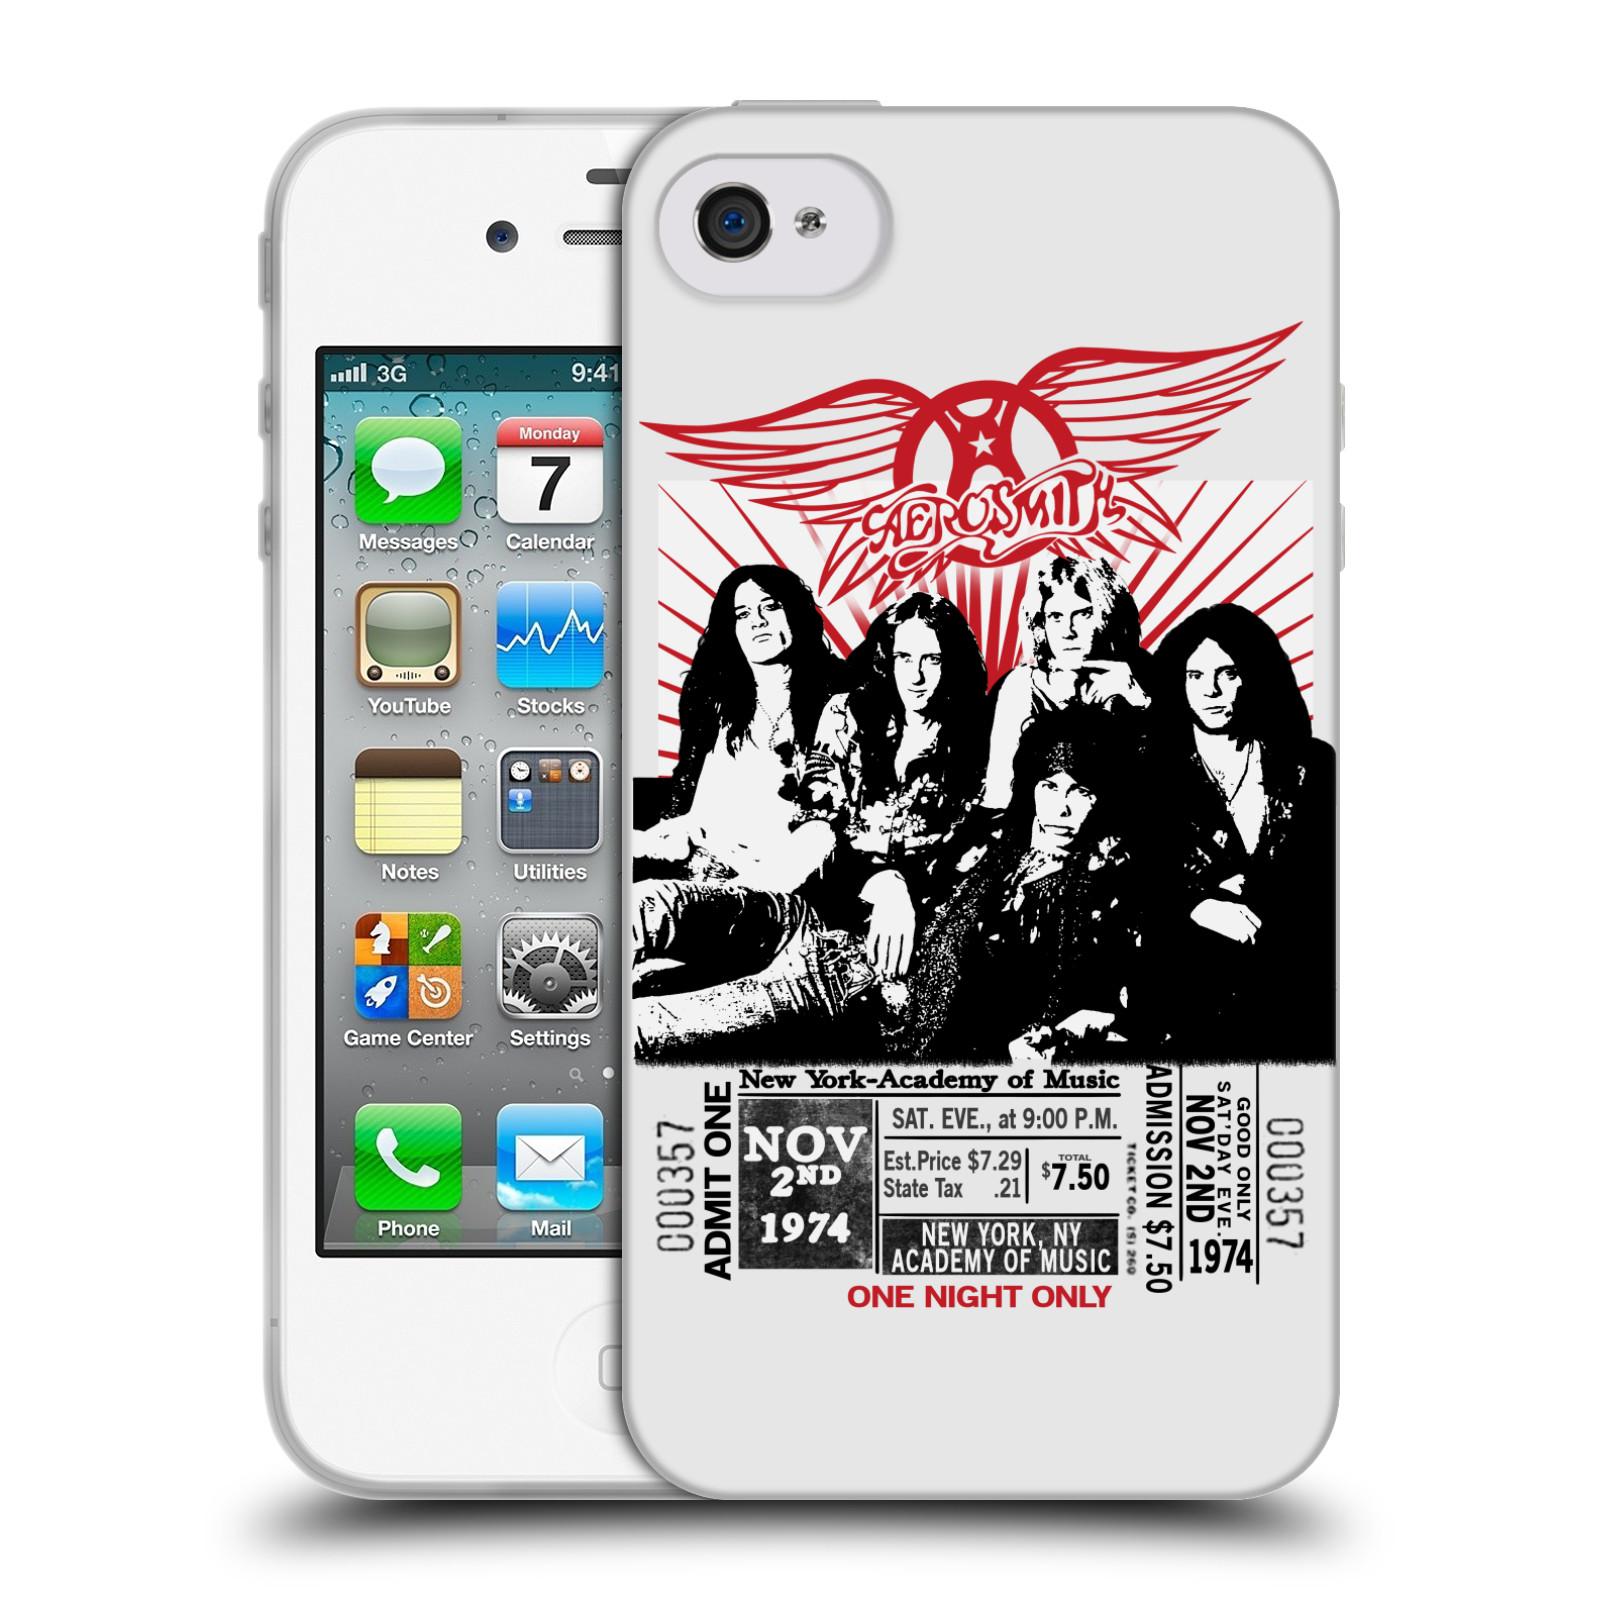 HEAD CASE silikonový obal na mobil Apple Iphone 4 4S rocková skupina  Aerosmith plakát černá a bílá 9b7aa33b98a